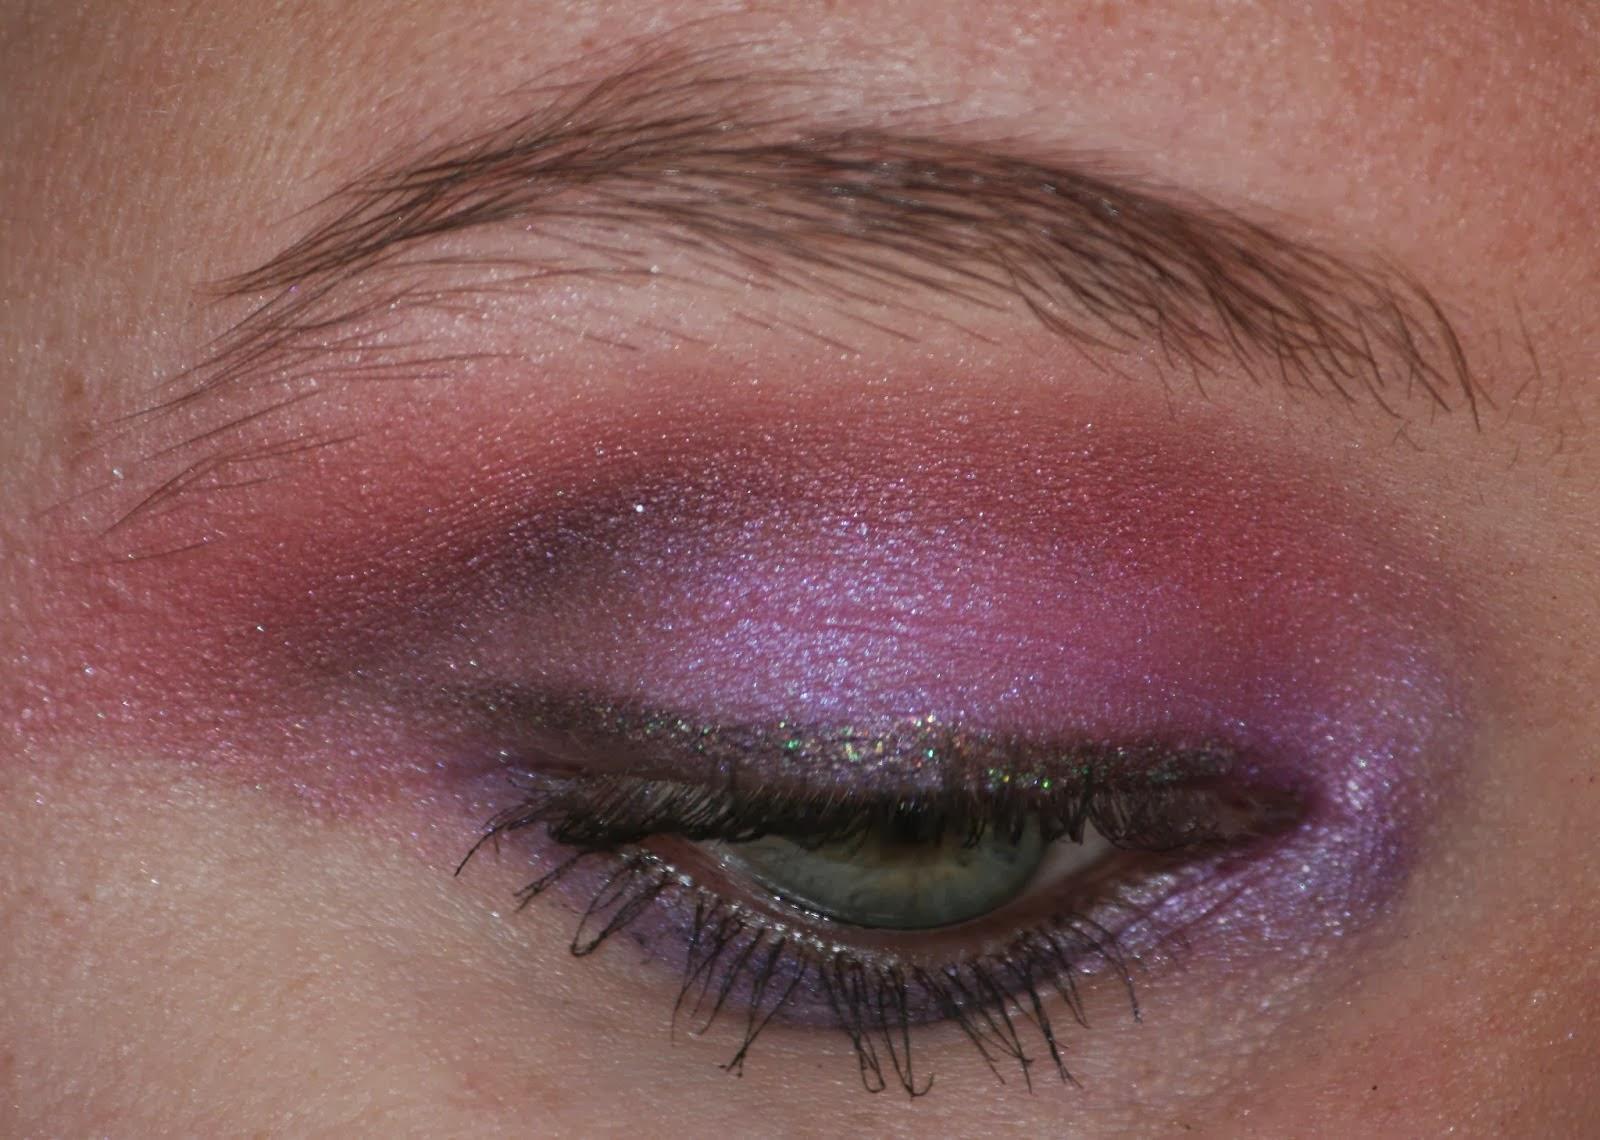 Violet Eye MakeUp